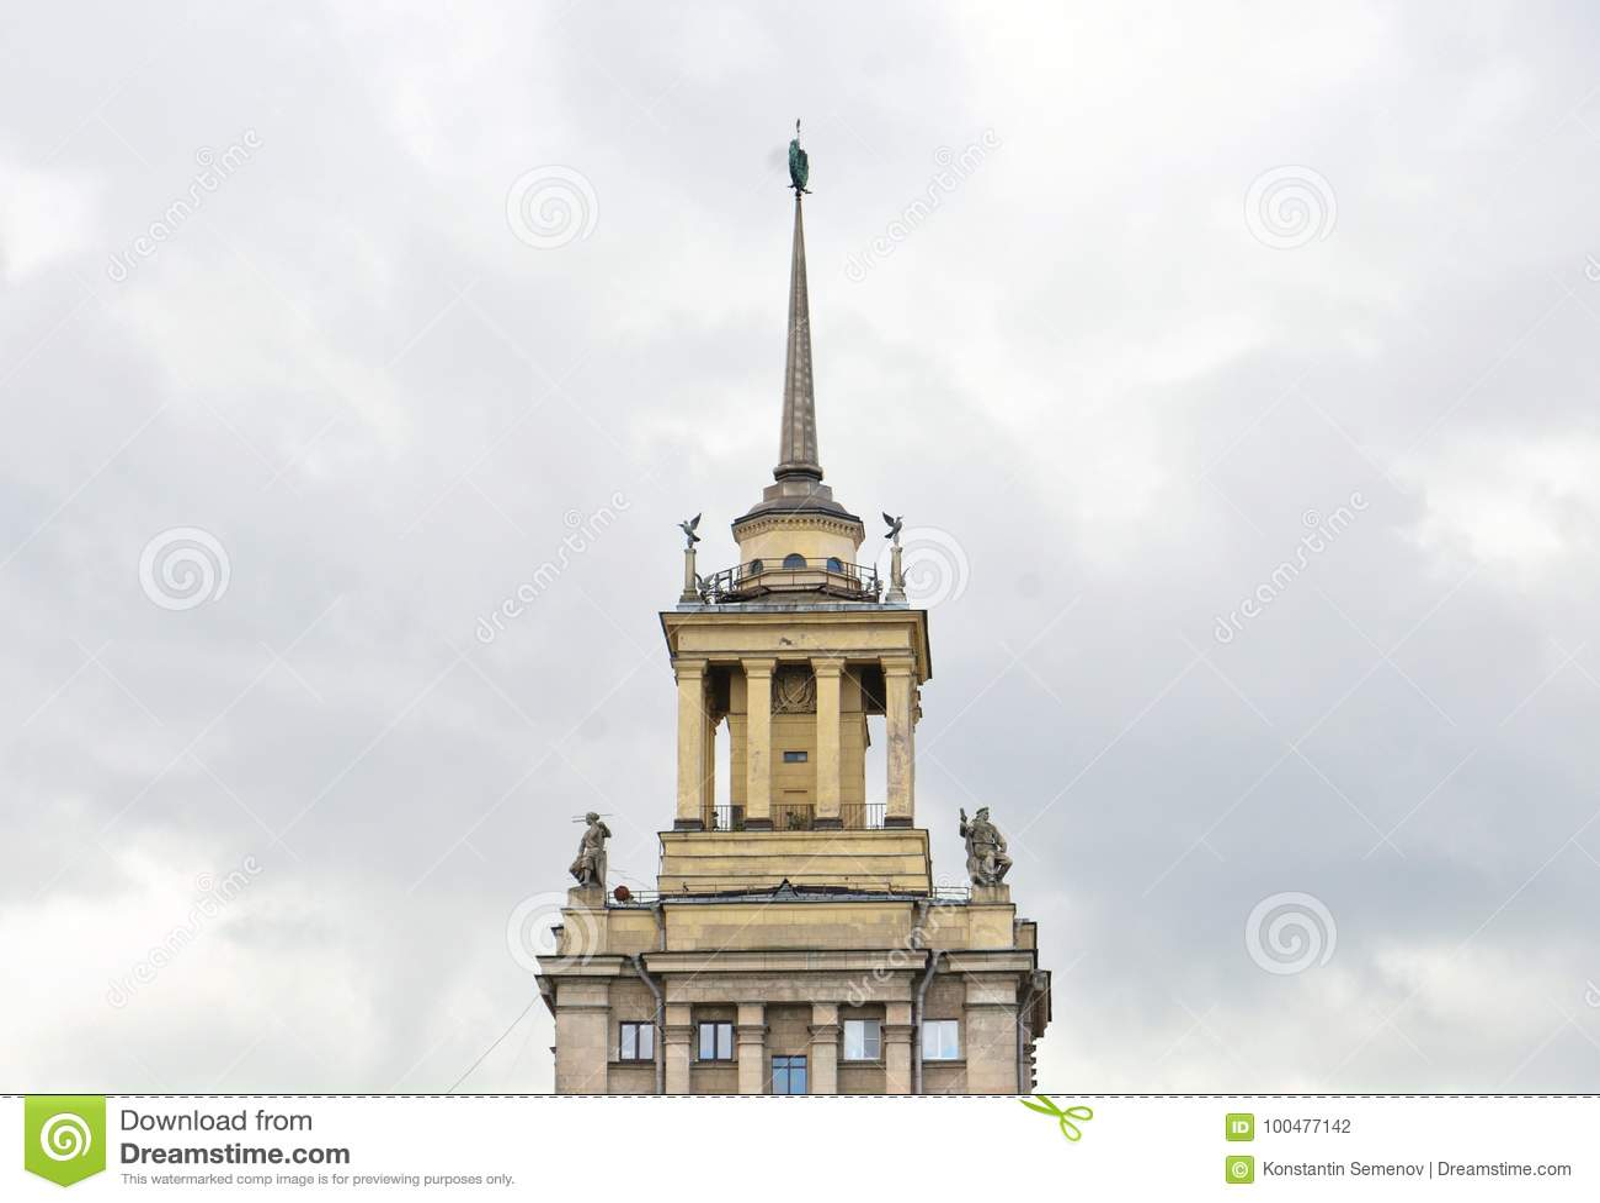 Gratte-ciel dans le style néoclassique dans le St Petersbourg